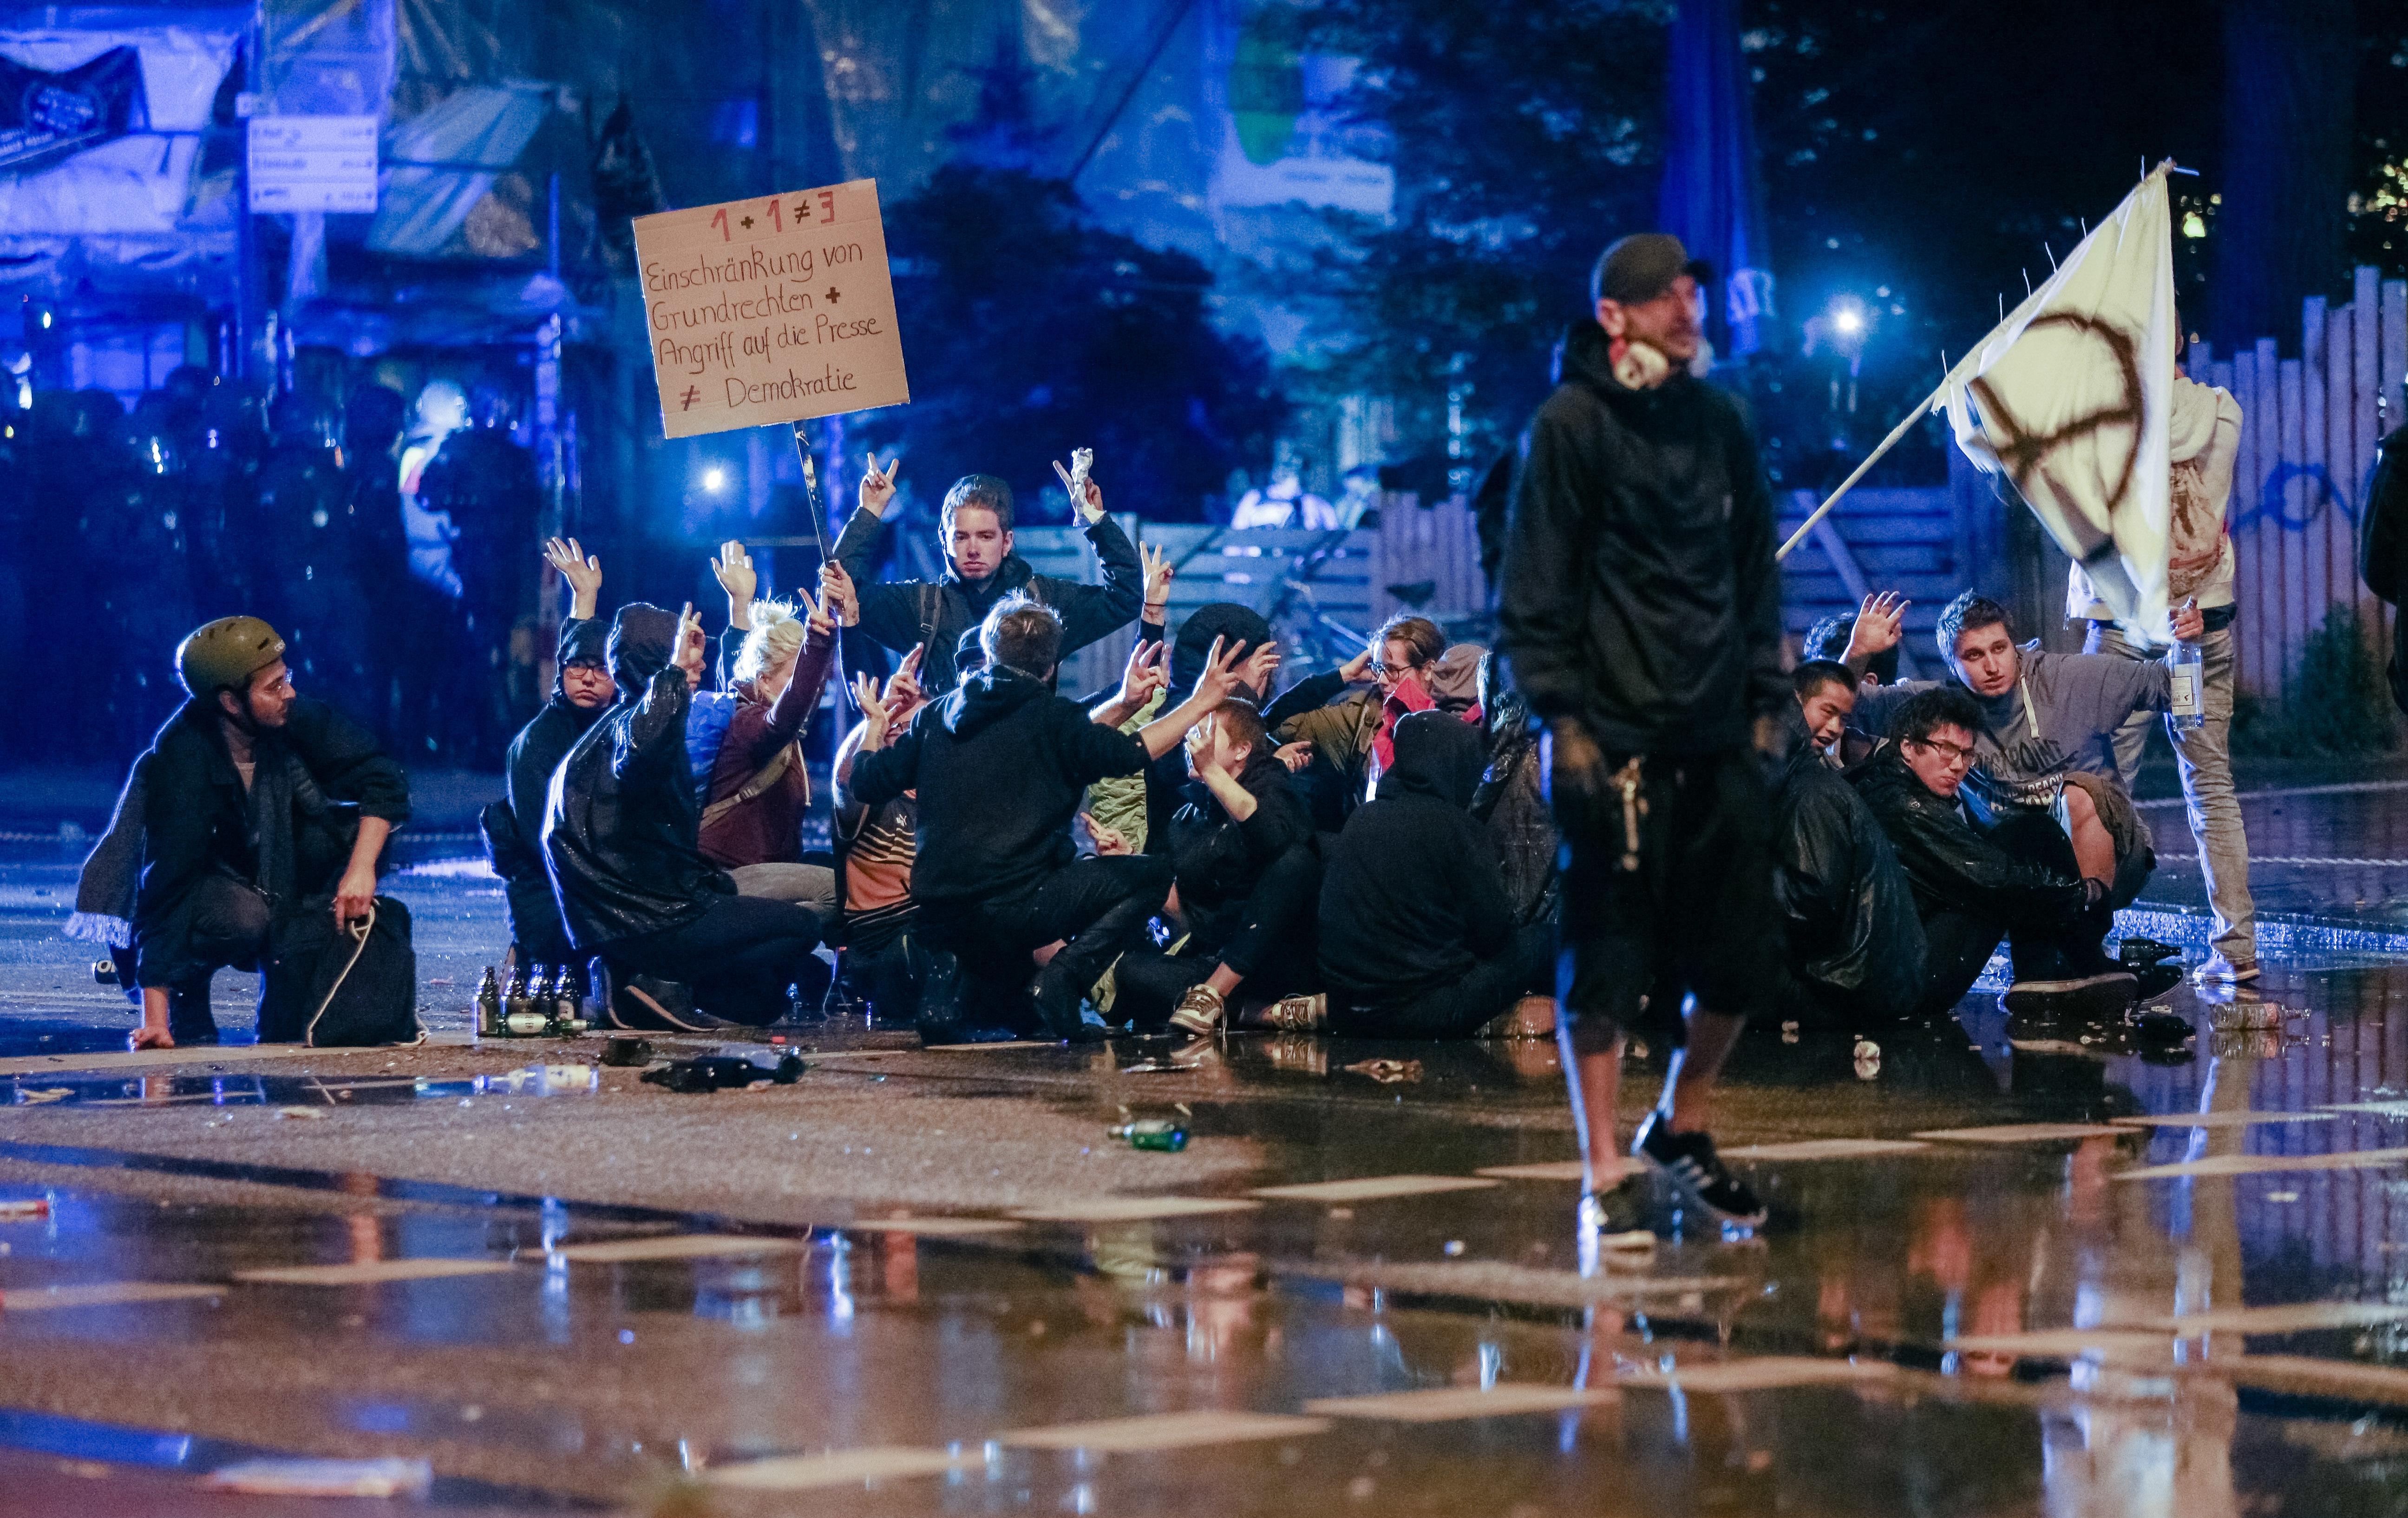 Demonstranten sitzen am 08.07.2017 in Hamburg in einer Straße im Schanzenviertel während die Polizei mit Wasserwerfern vorrückt. Am 07. und 08. Juli kamen in der Hansestadt die Regierungschefs der führenden Industrienationen zum G20-Gipfel zusammen. In der Nacht zum 08.07 eskalierten die Proteste im Schanzenviertel, die Polizei ging mit einem massiven Aufgebot gegen Randalierer vor. Foto: Markus Scholz/dpa +++(c) dpa - Bildfunk+++